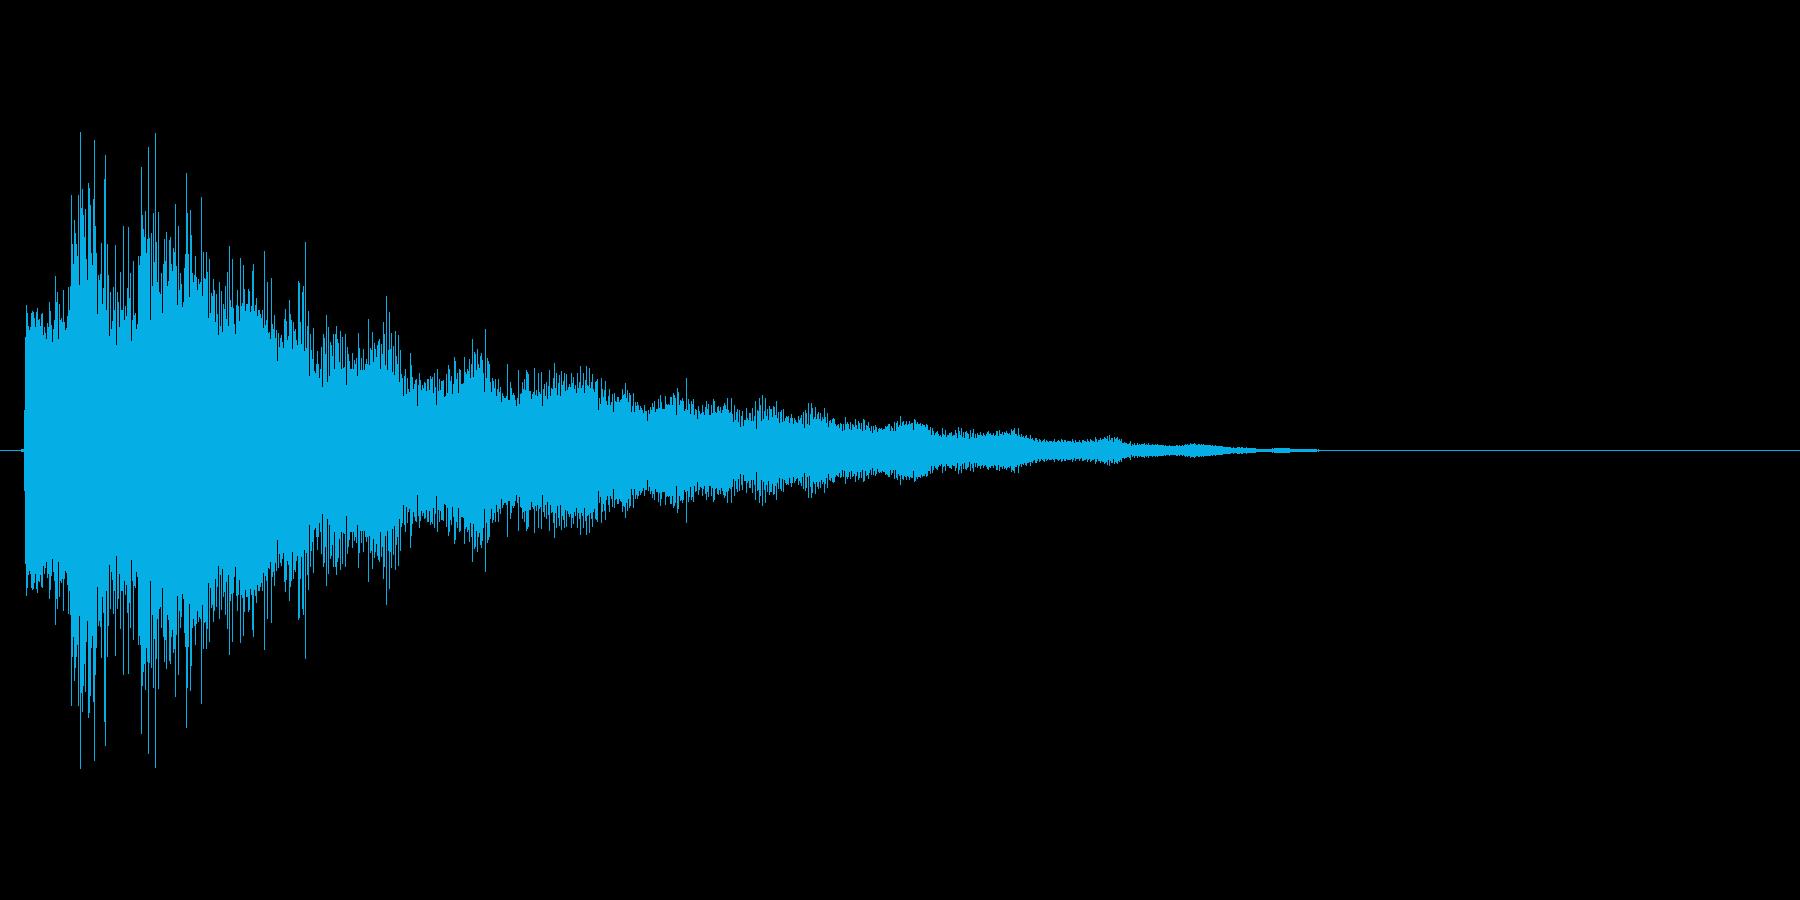 キラキラしたゲーム、アプリ向けスタート音の再生済みの波形